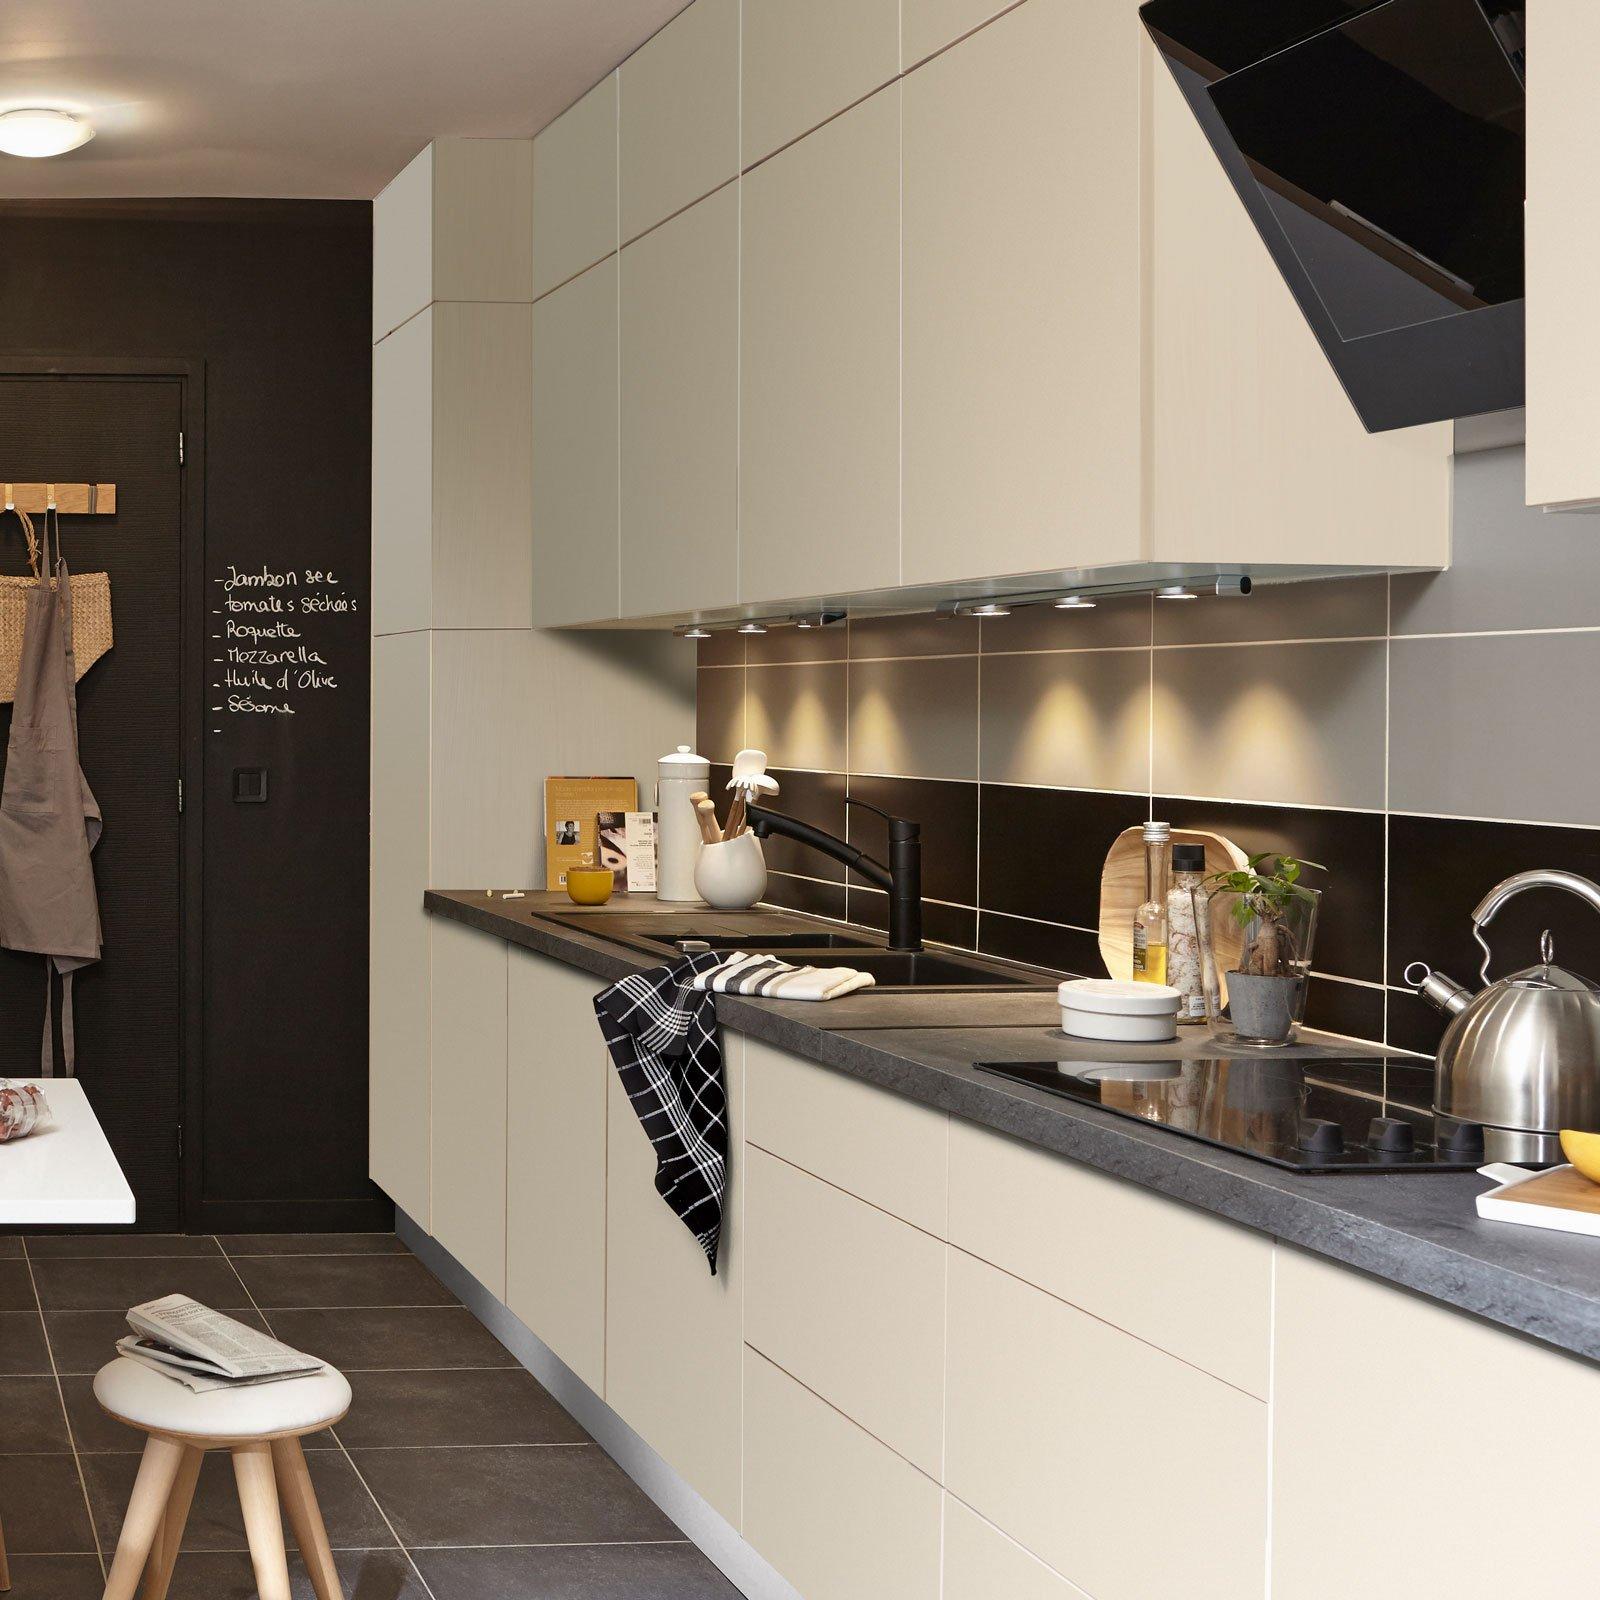 Basi cucine componibili cucina componibile basi rovere - Componibili per cucina ...